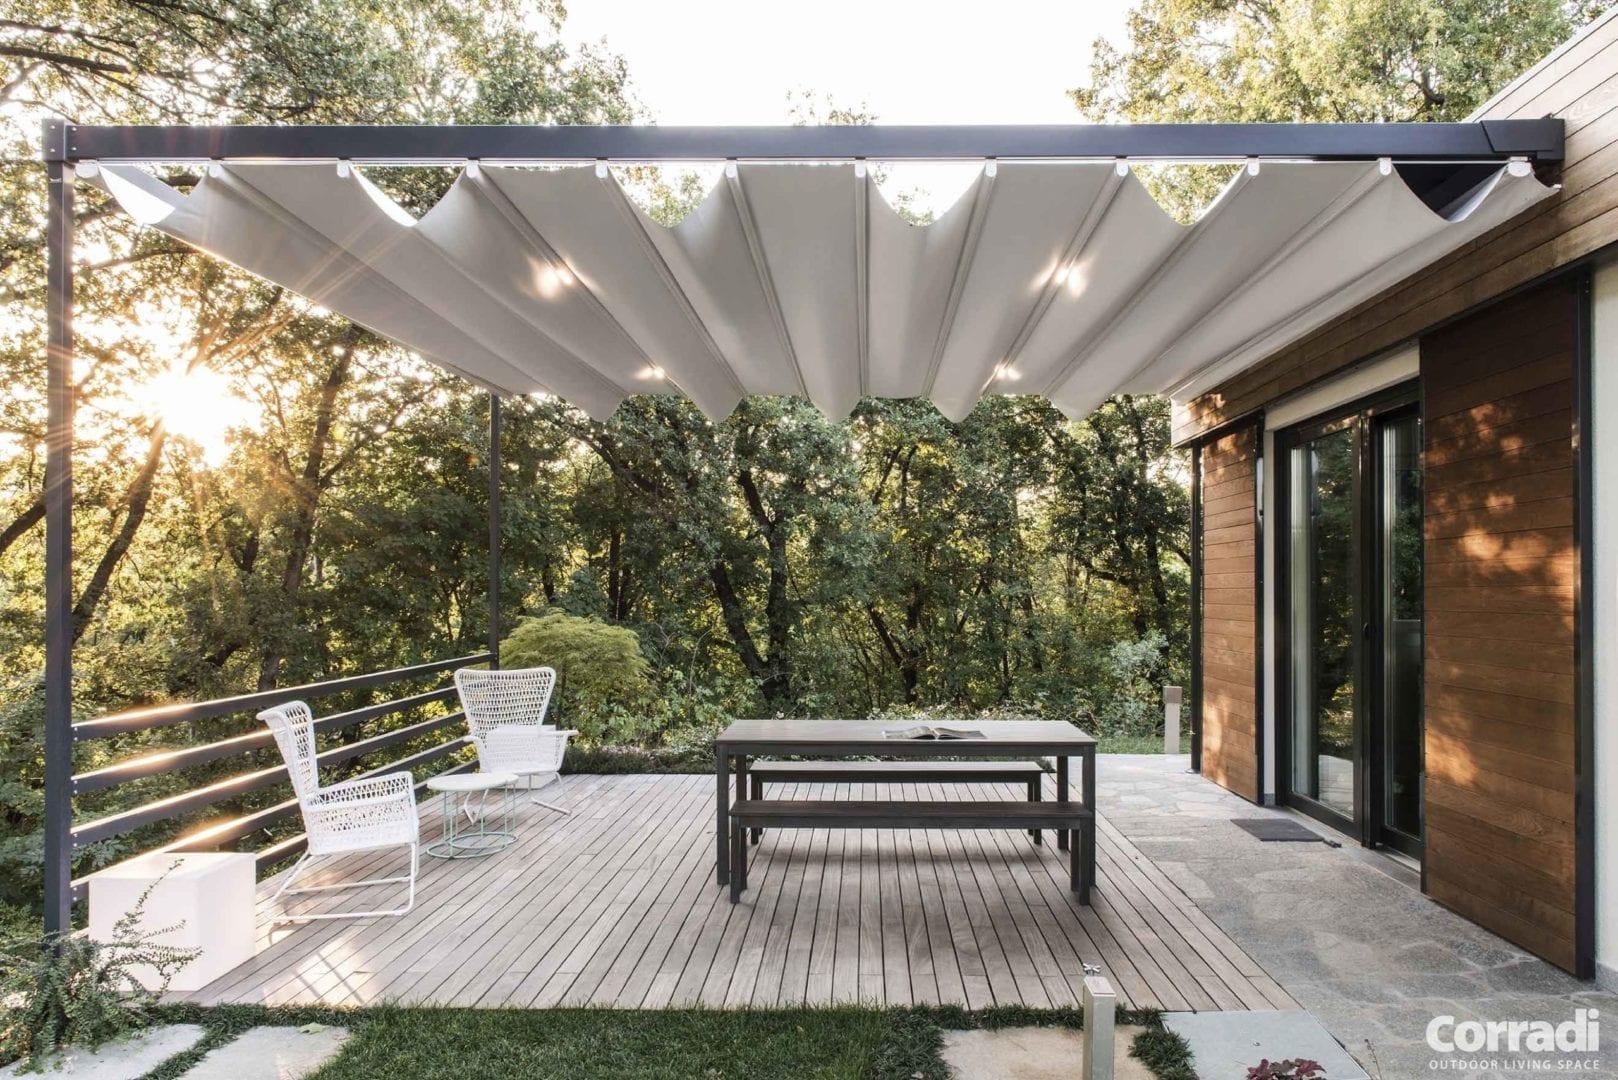 corradi exterior furniture 2